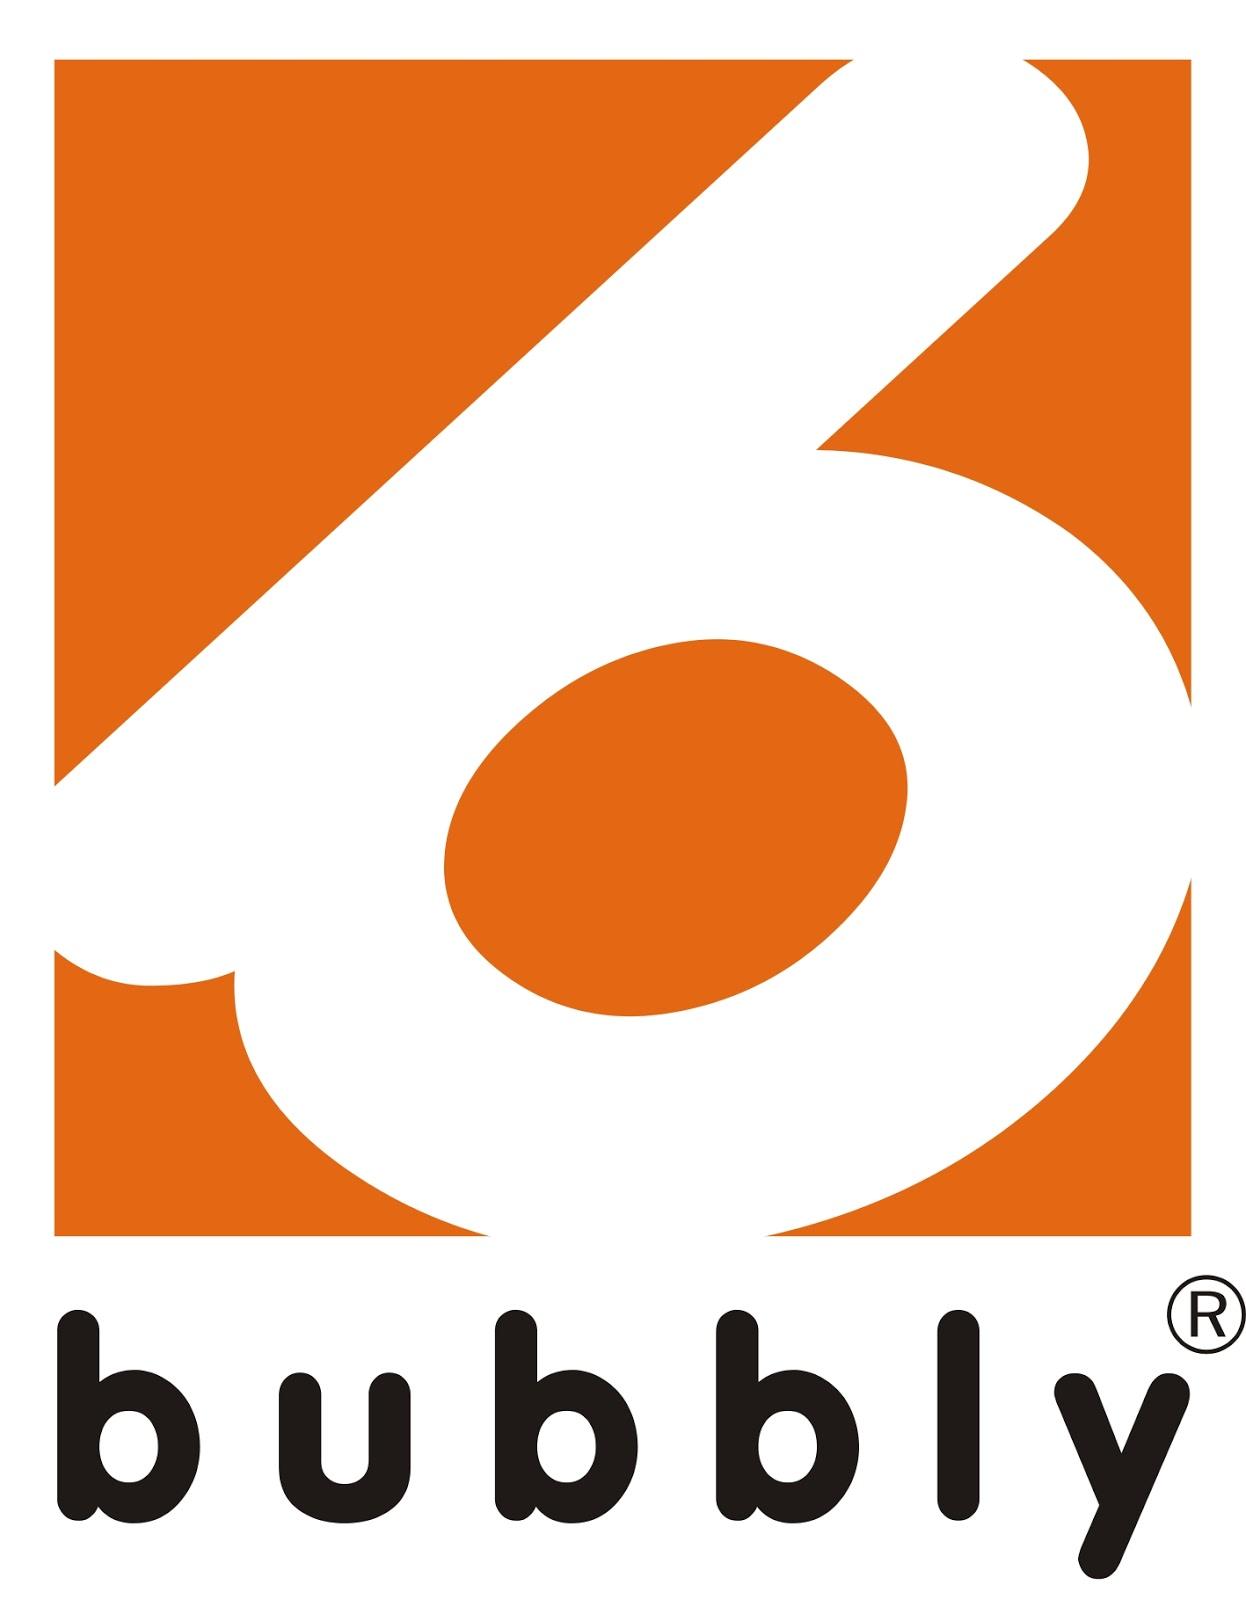 Bubbly balloons